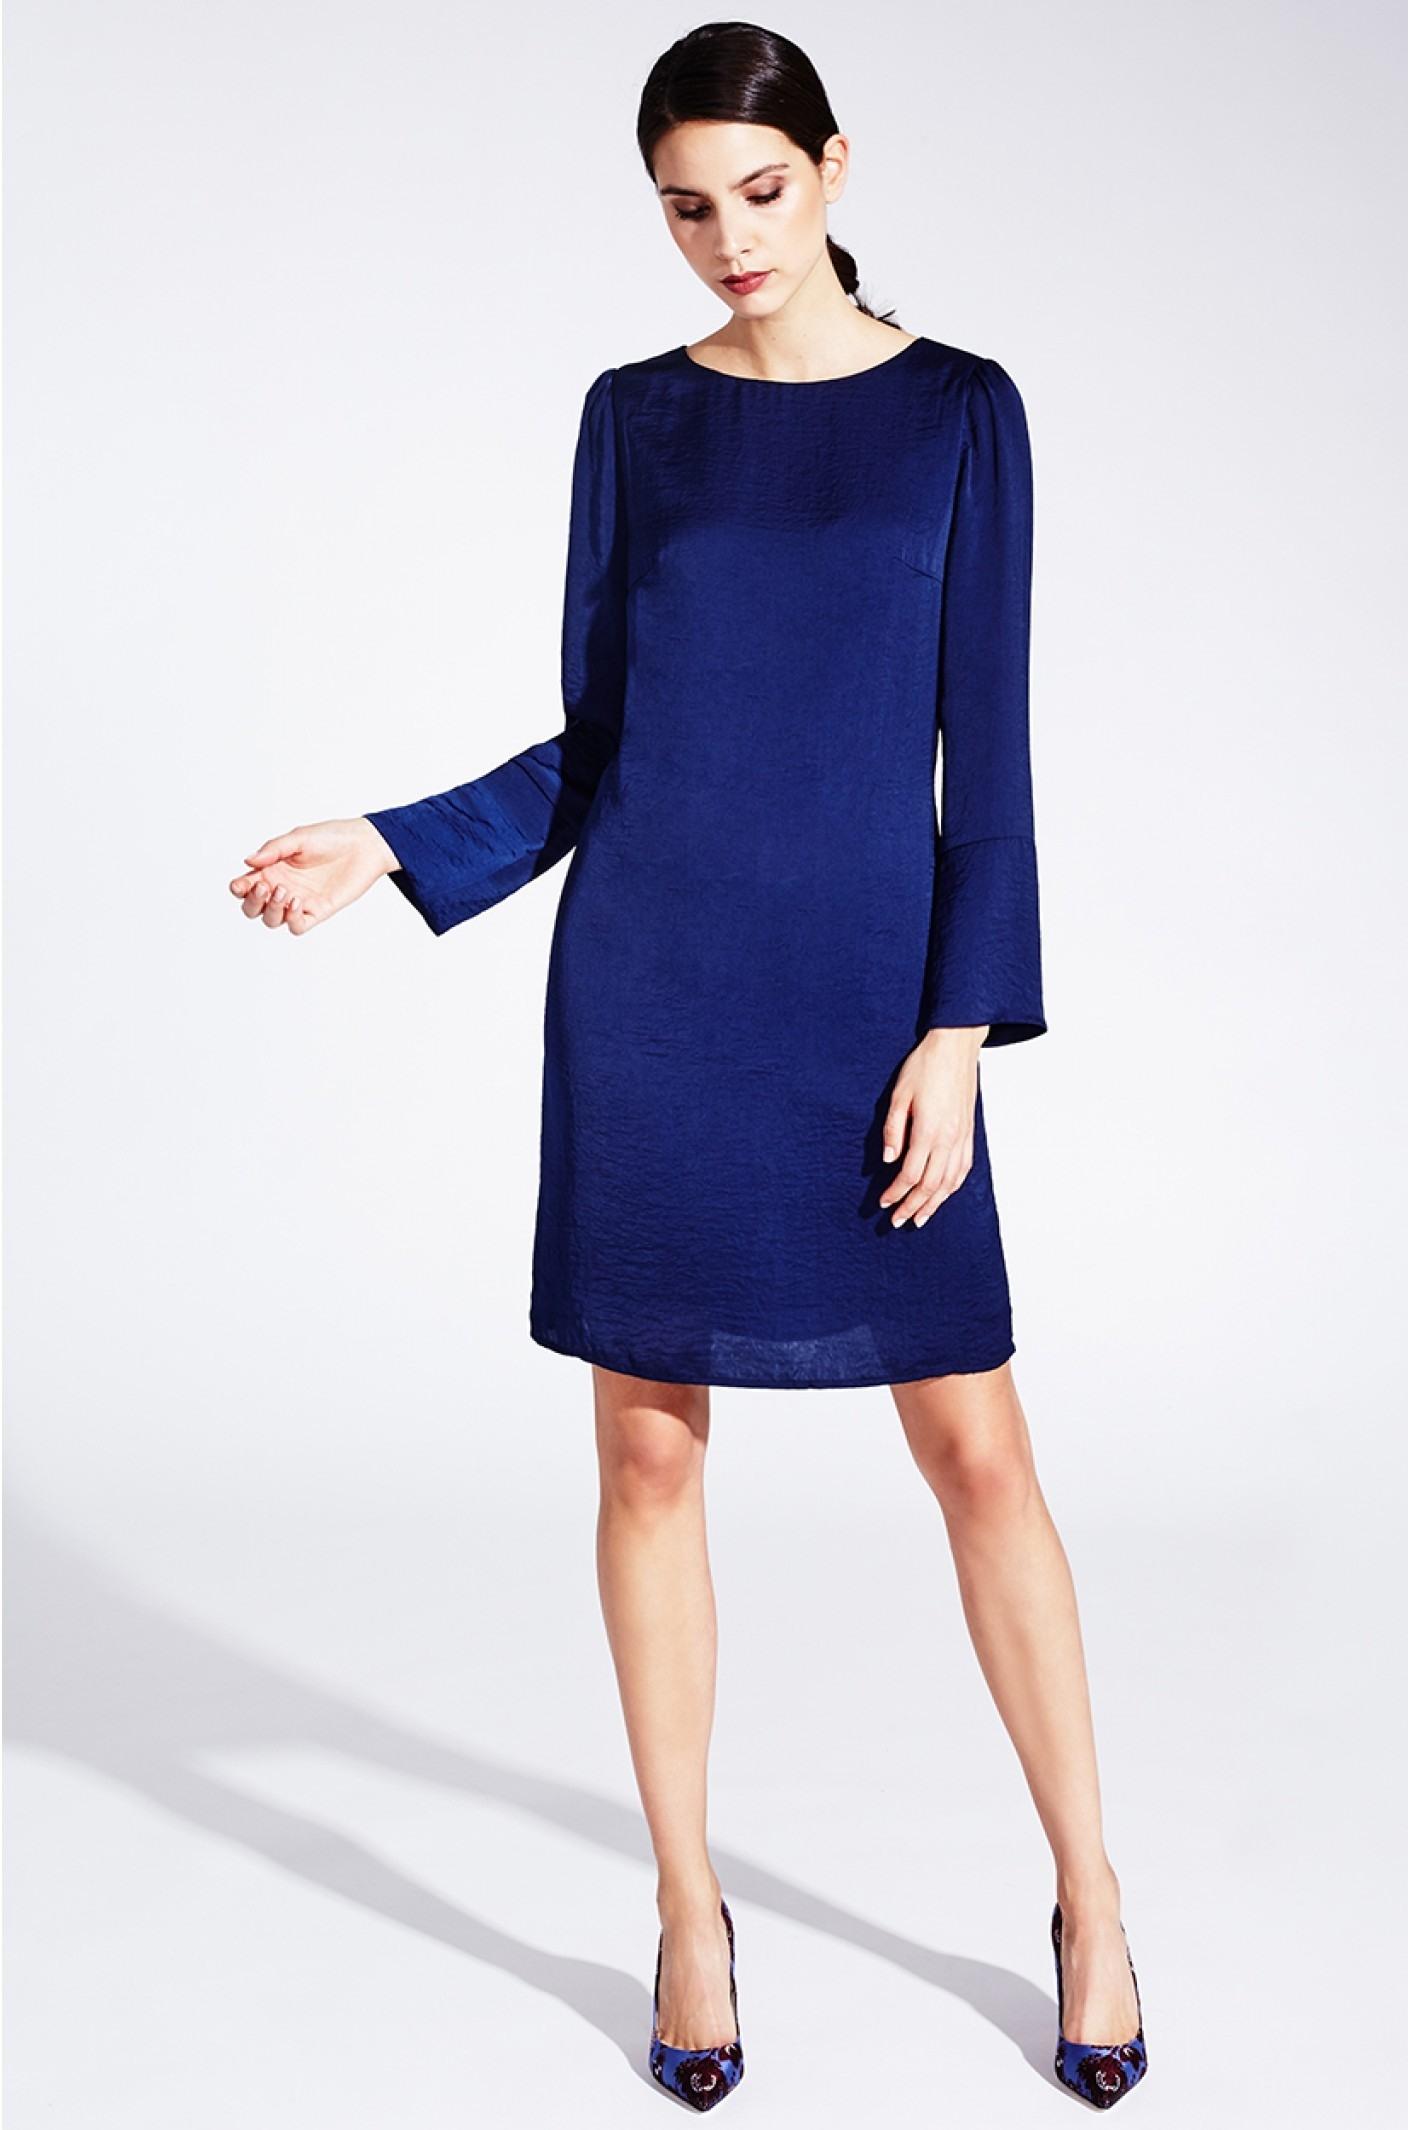 Formal Einfach Dunkelblaues Kleid Lang ÄrmelDesigner Schön Dunkelblaues Kleid Lang Design